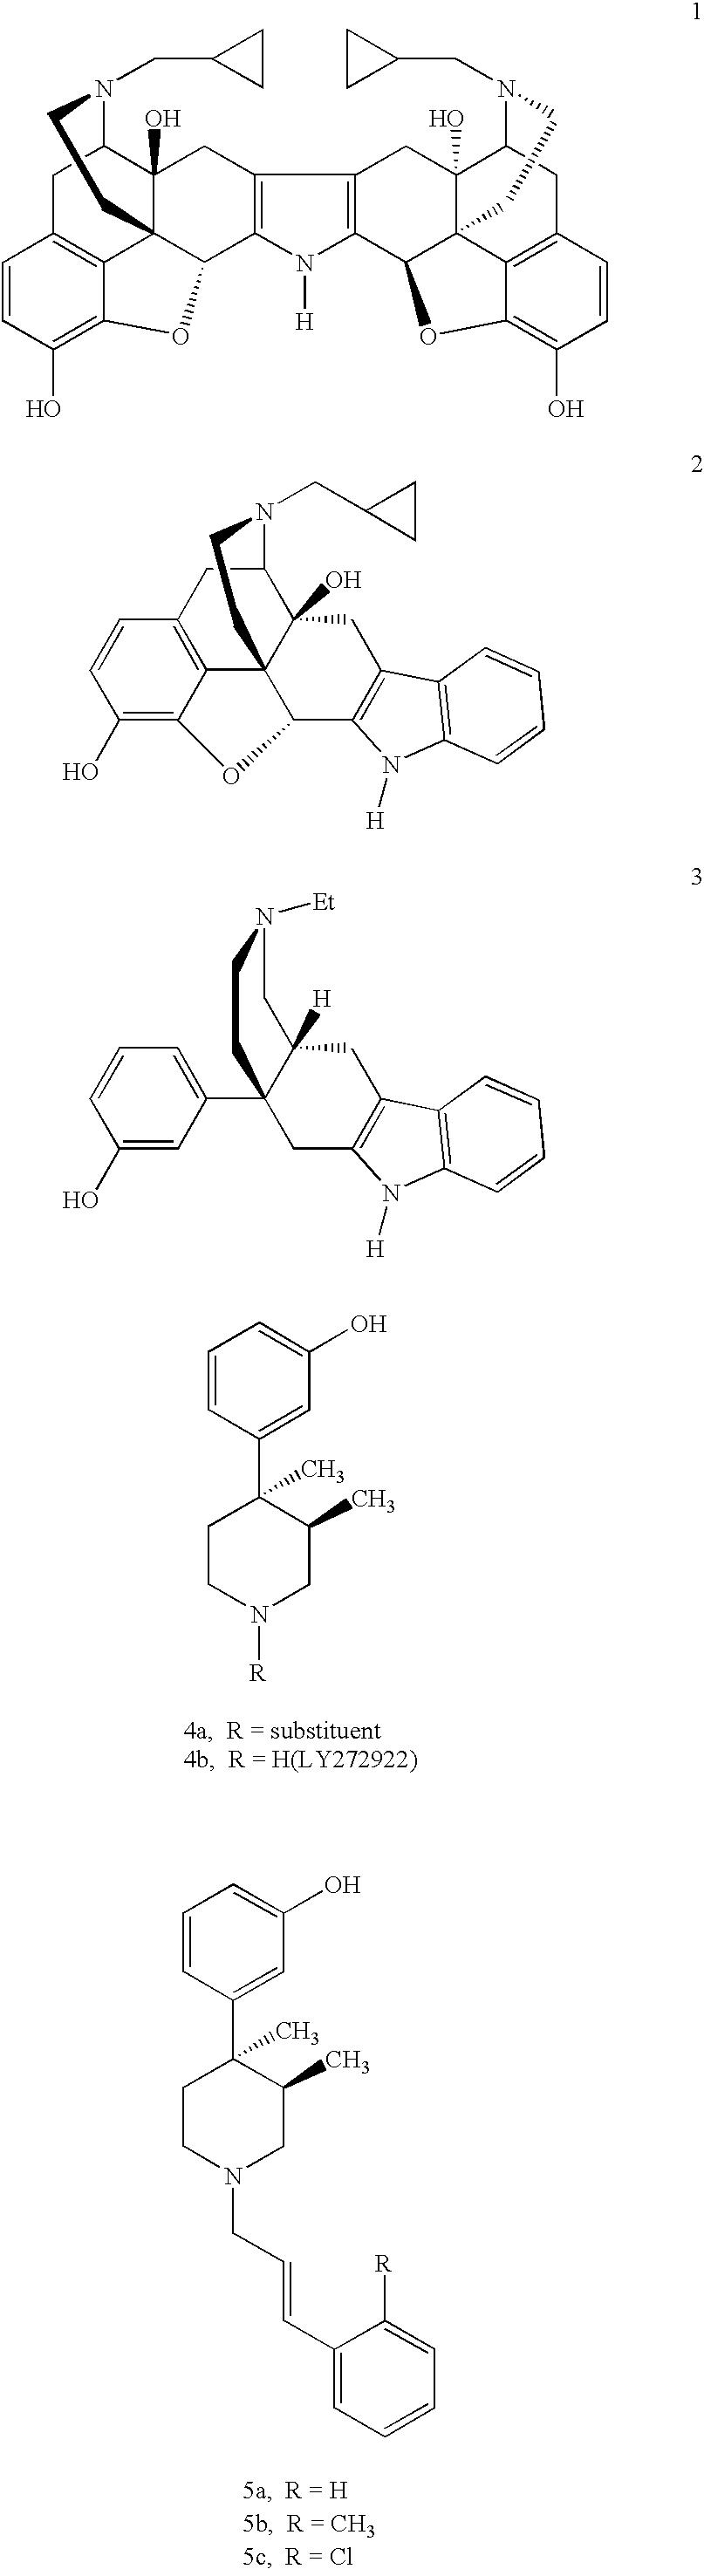 Figure US06552032-20030422-C00001